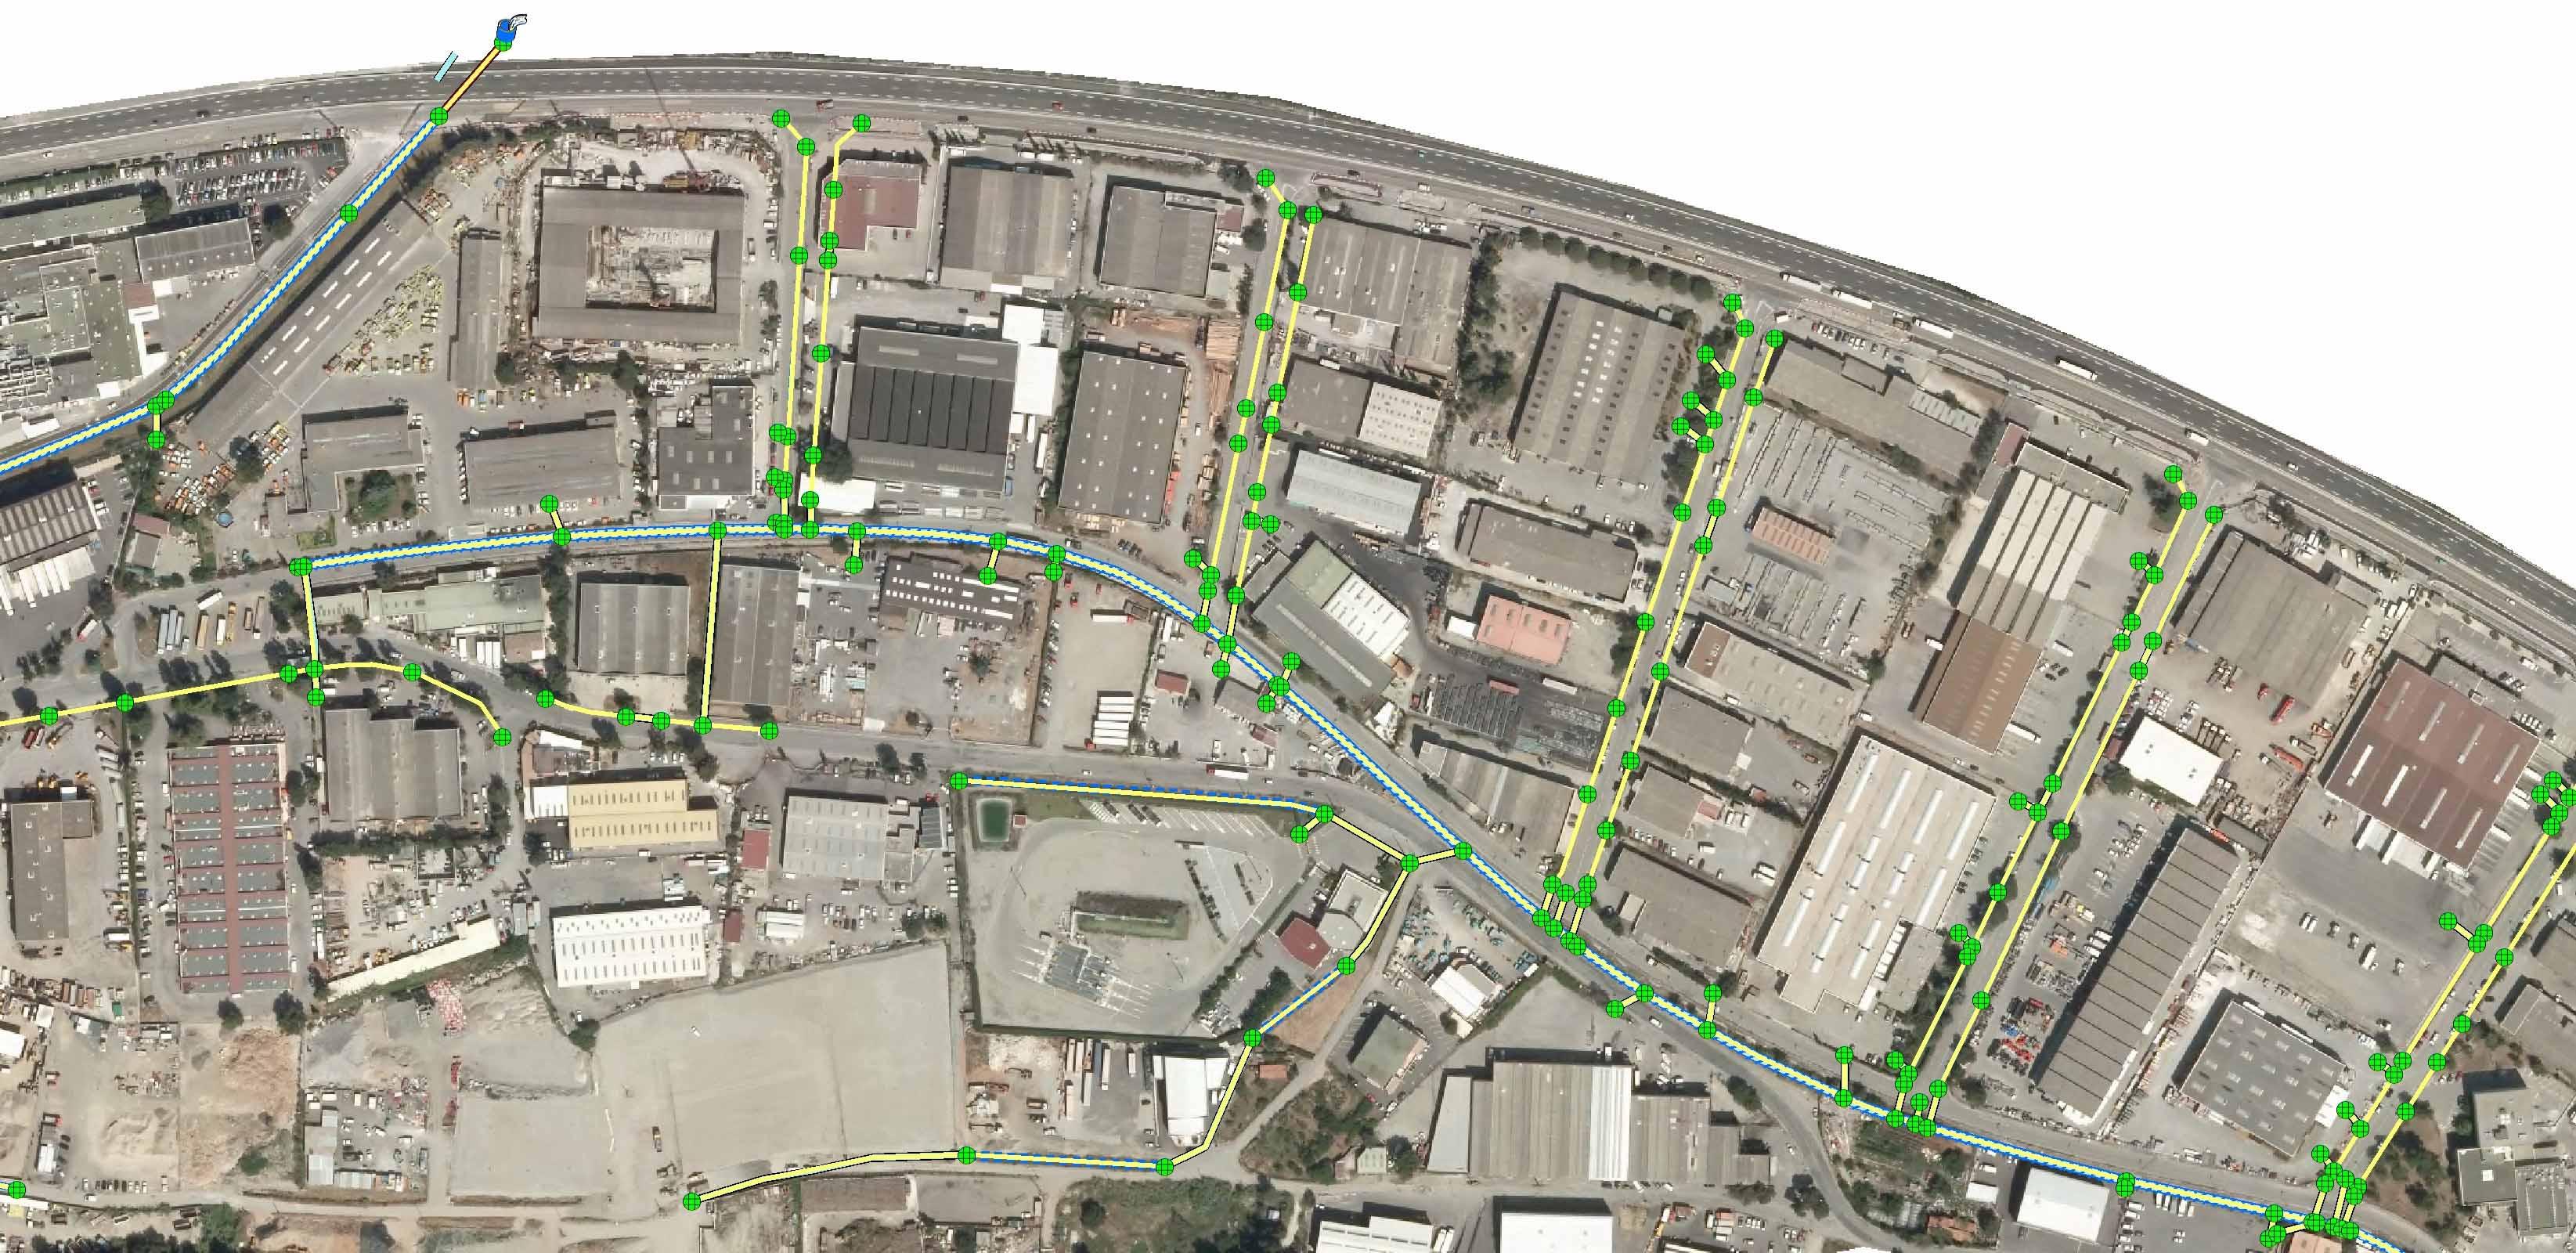 étude hydraulique urbaine